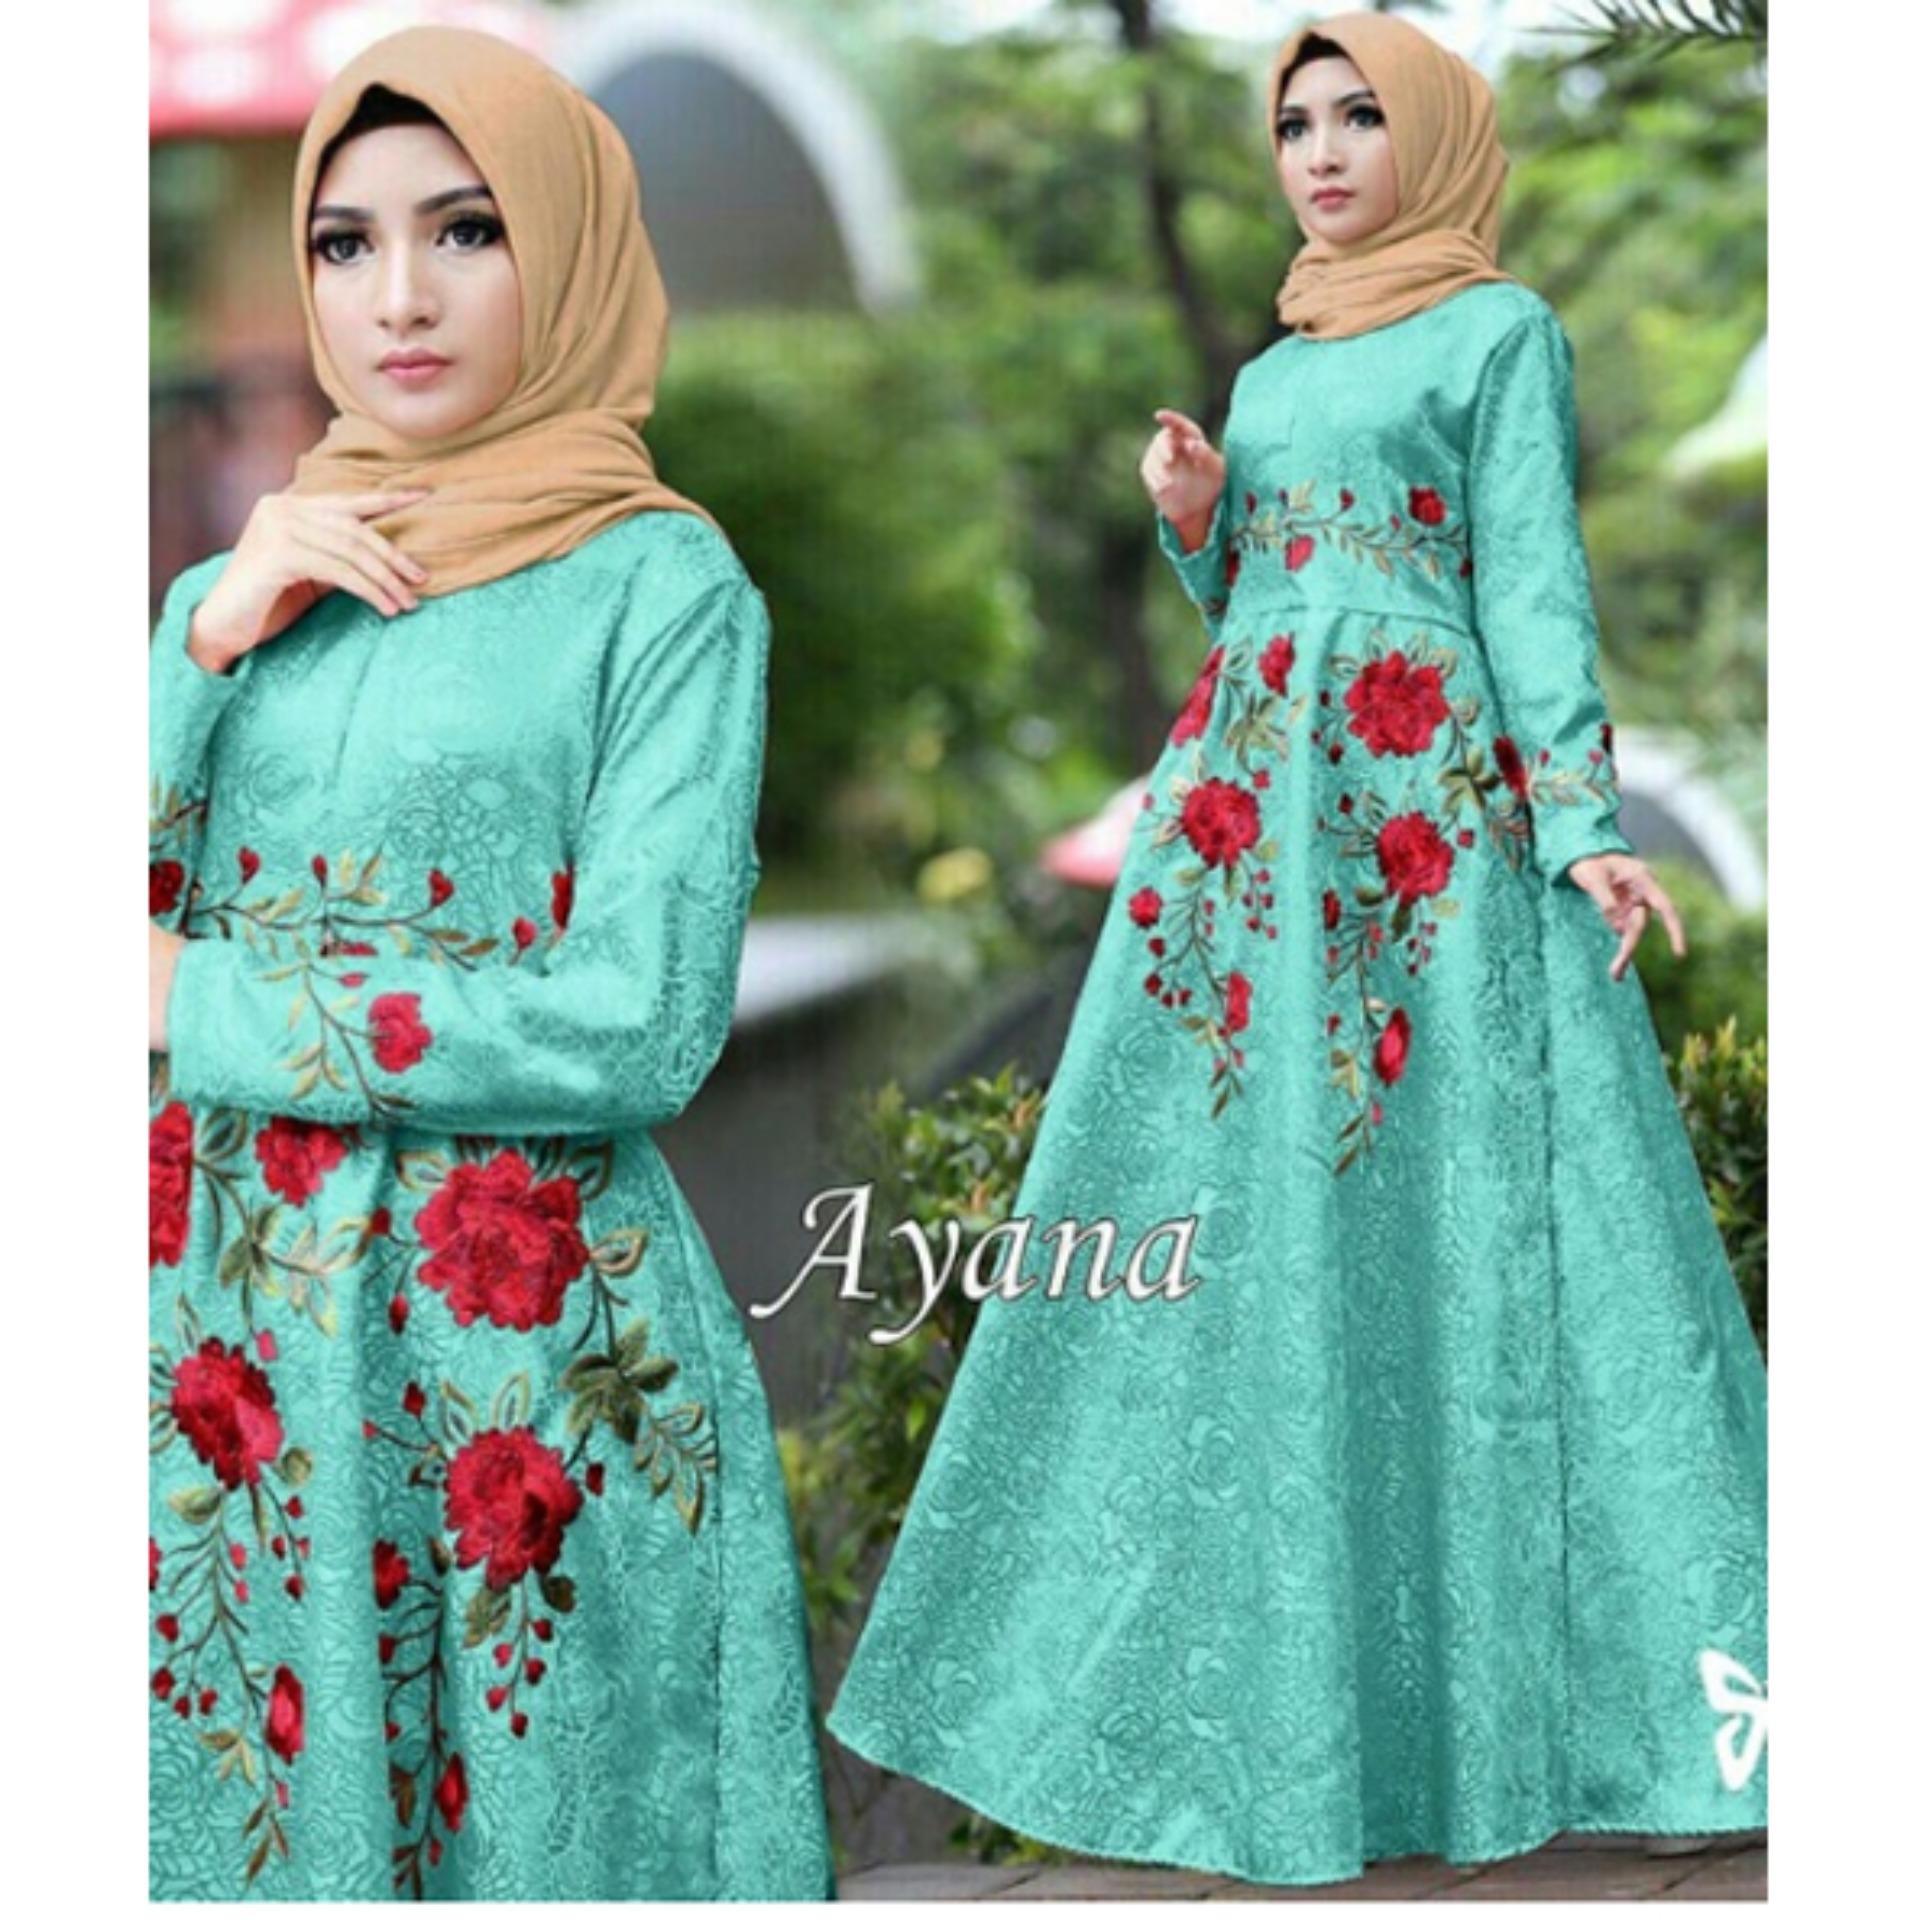 Busana Muslim Pesta Bordir Mewah - Baju Kondangan Muslimah Premium - Gamis Masa Kini Dress Muslim - Kebaya Modern - ihayana